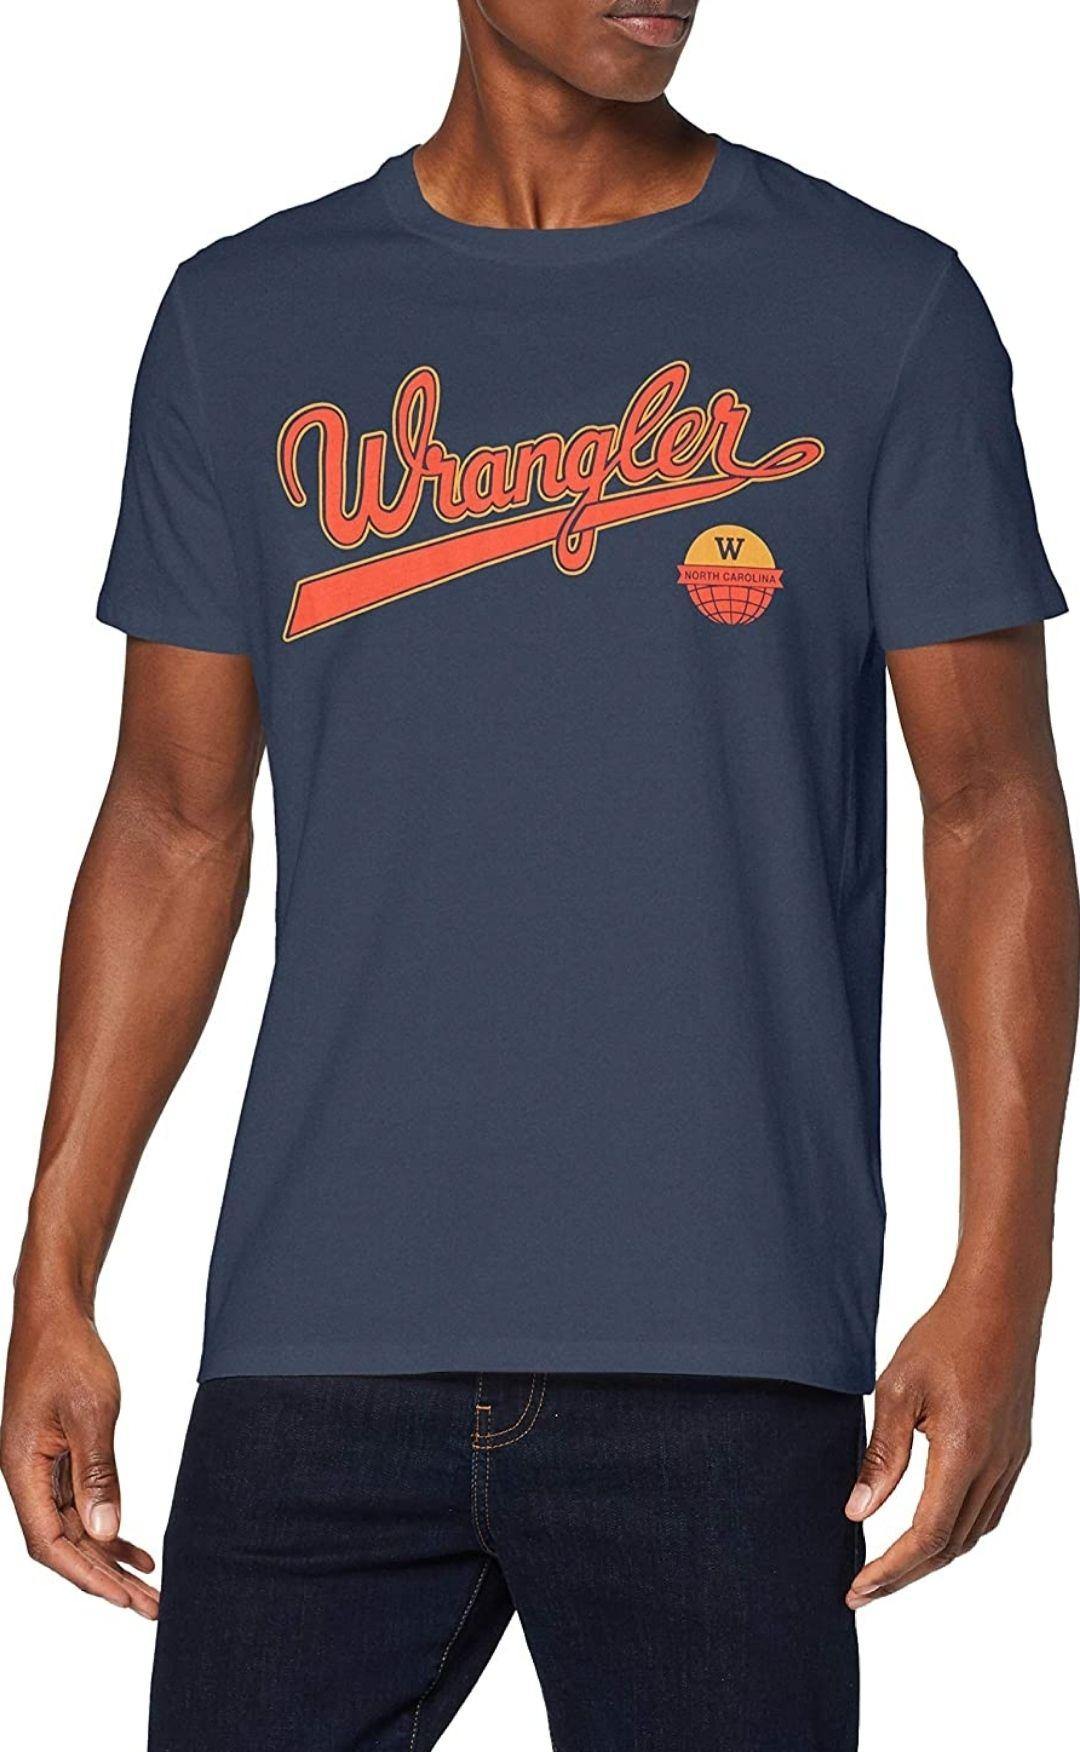 Camiseta Wrangler Talla M por menos de 9€